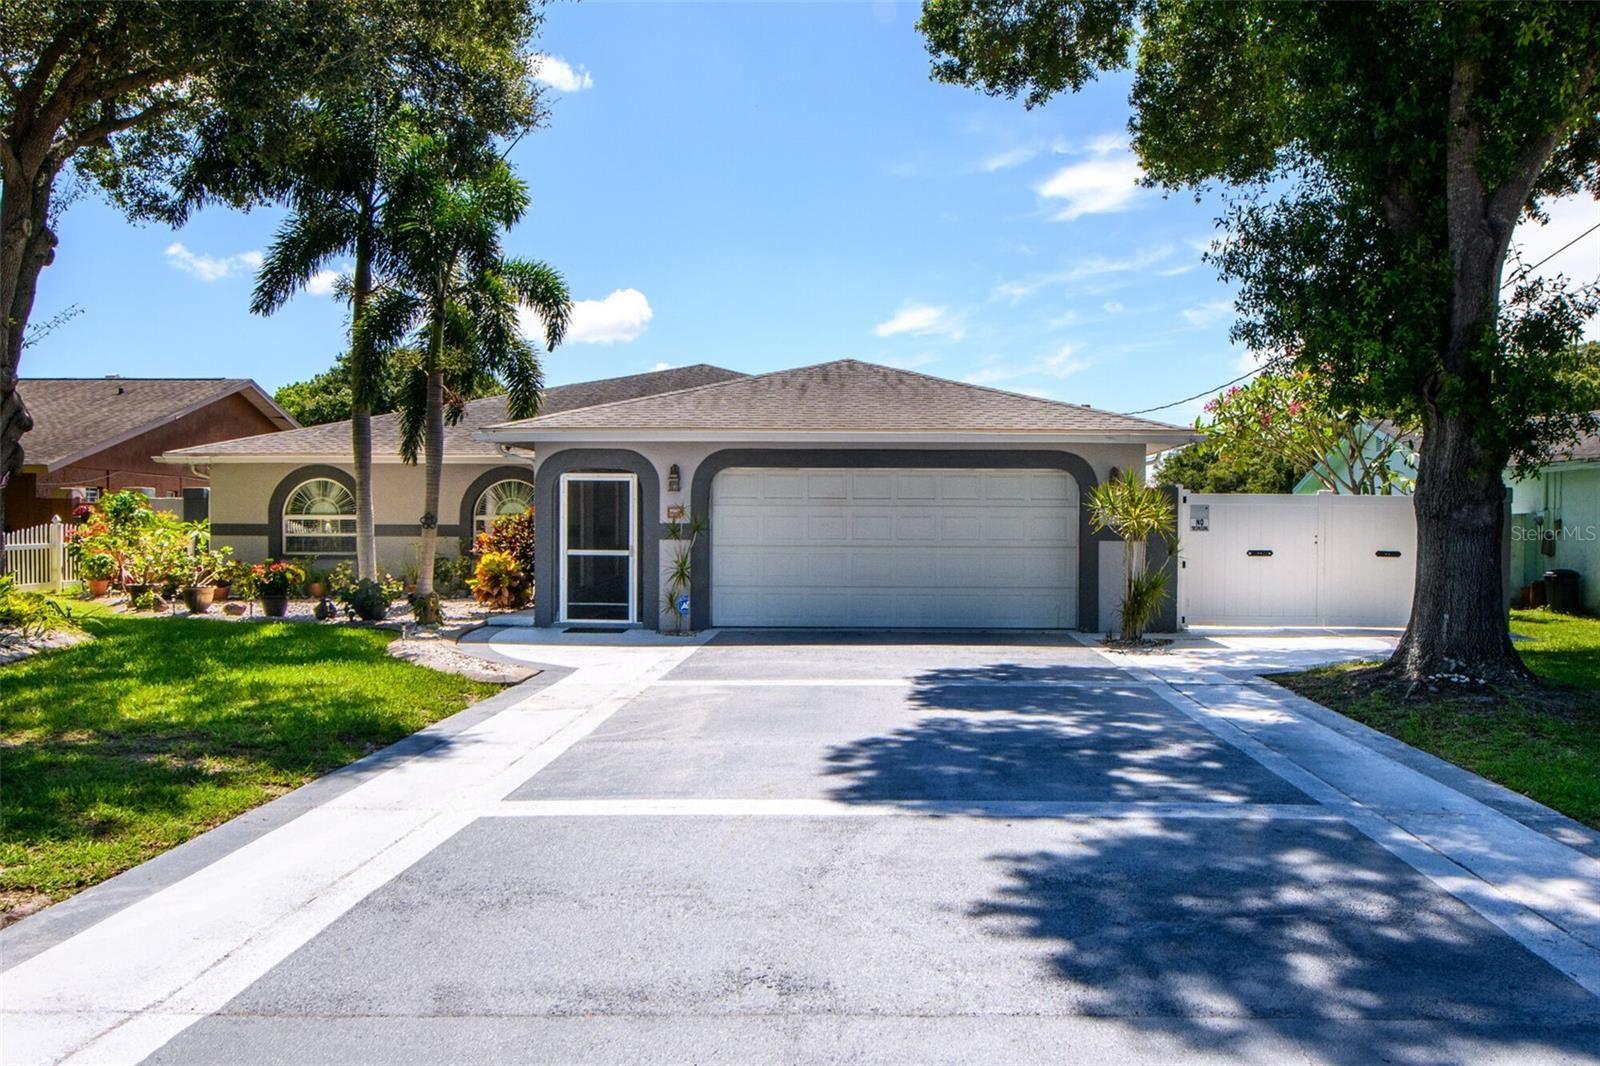 9967 60TH STREET, Pinellas Park, FL 33782 - #: U8128633